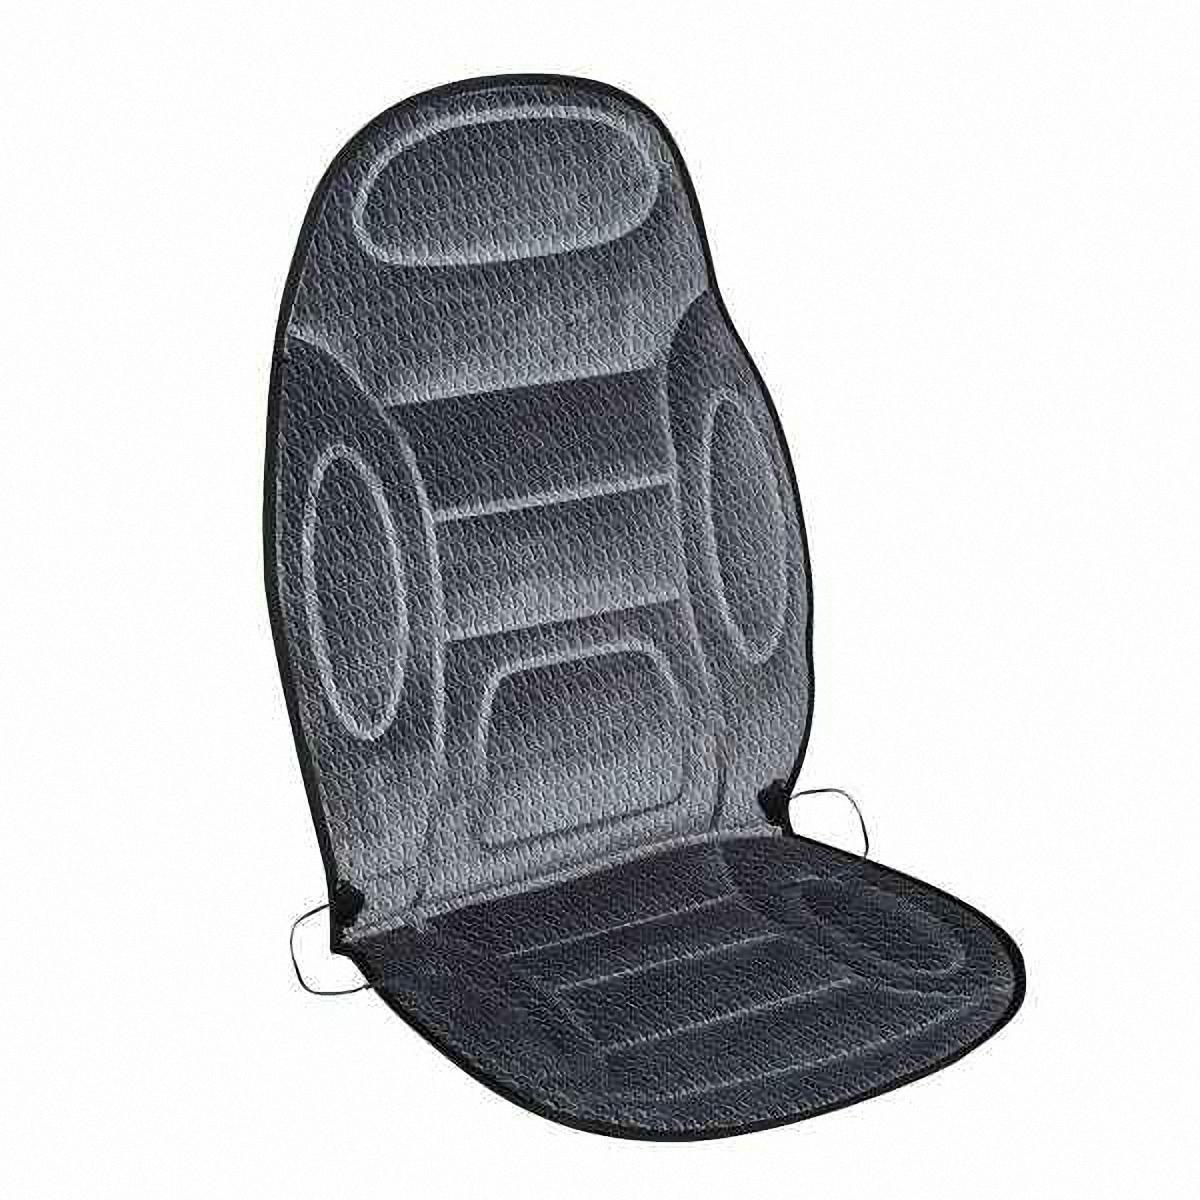 Подогрев для сиденья Skyway, со спинкой, 120 х 51 смS01301087В подогреве для сиденья Skyway в качестве теплоносителя применяется углеродный материал. Такой нагреватель обладает феноменальной гибкостью и прочностью на разрыв в отличие от аналогов, изготовленных из медного или иного металлического провода.Особенности:- Универсальный размер.- Снижает усталость при управлении автомобилем.- Обеспечивает комфортное вождение в холодное время года.- Простая и быстрая установка.- Умеренный и интенсивный режим нагрева.- Терморегулятор для изменения интенсивности нагрева.- Защита крепления шнура питания к подогреву.Устройство подключается к прикуривателю на 12V.